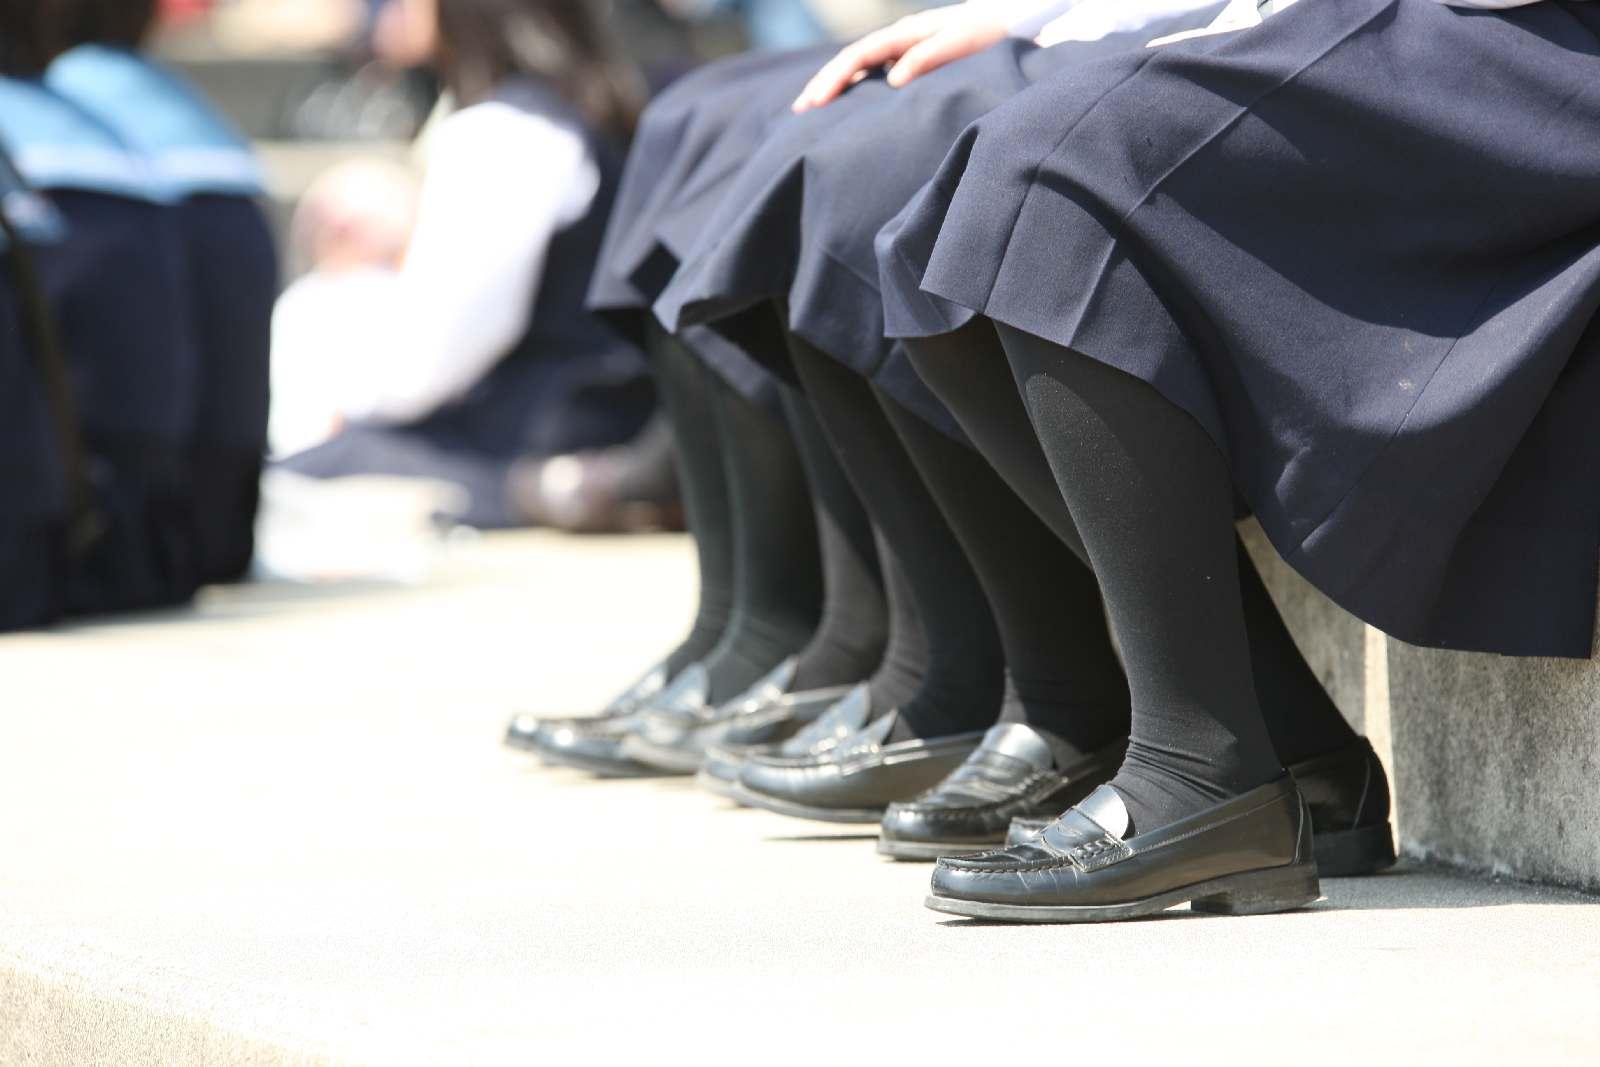 季節の変わり目にJKの制服姿が変化する街撮り画像wwwwwww RWqAhSz